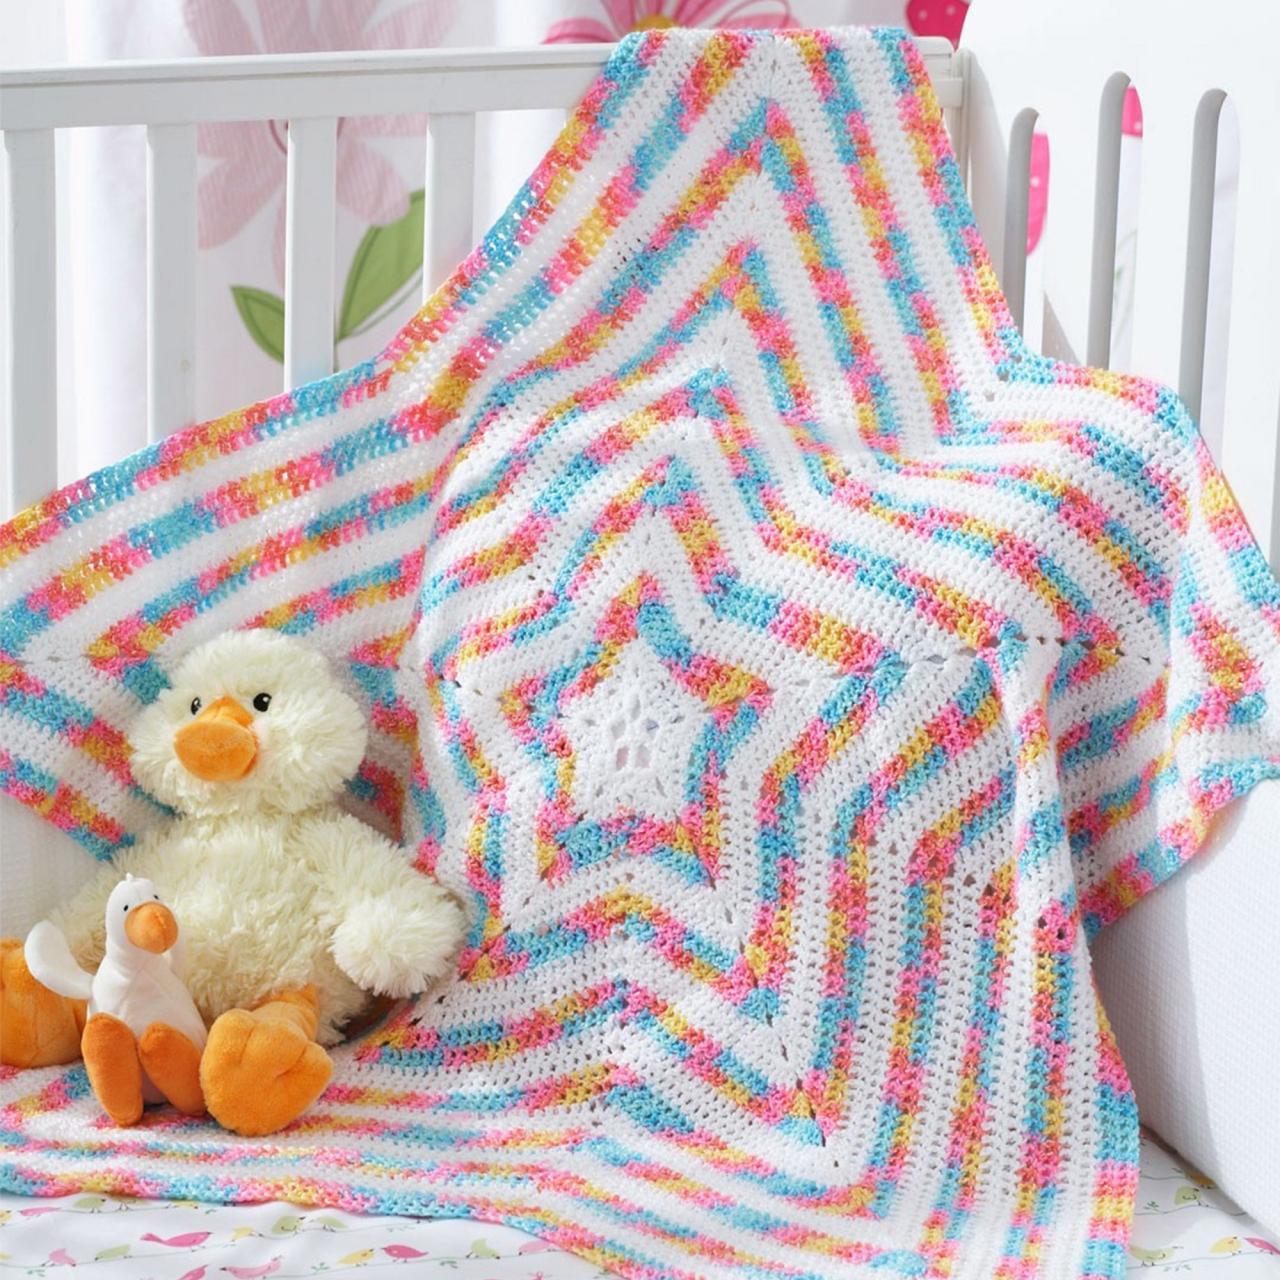 صور بطانية بيبي كروشيه , ملابس اطفال بالكروشيه